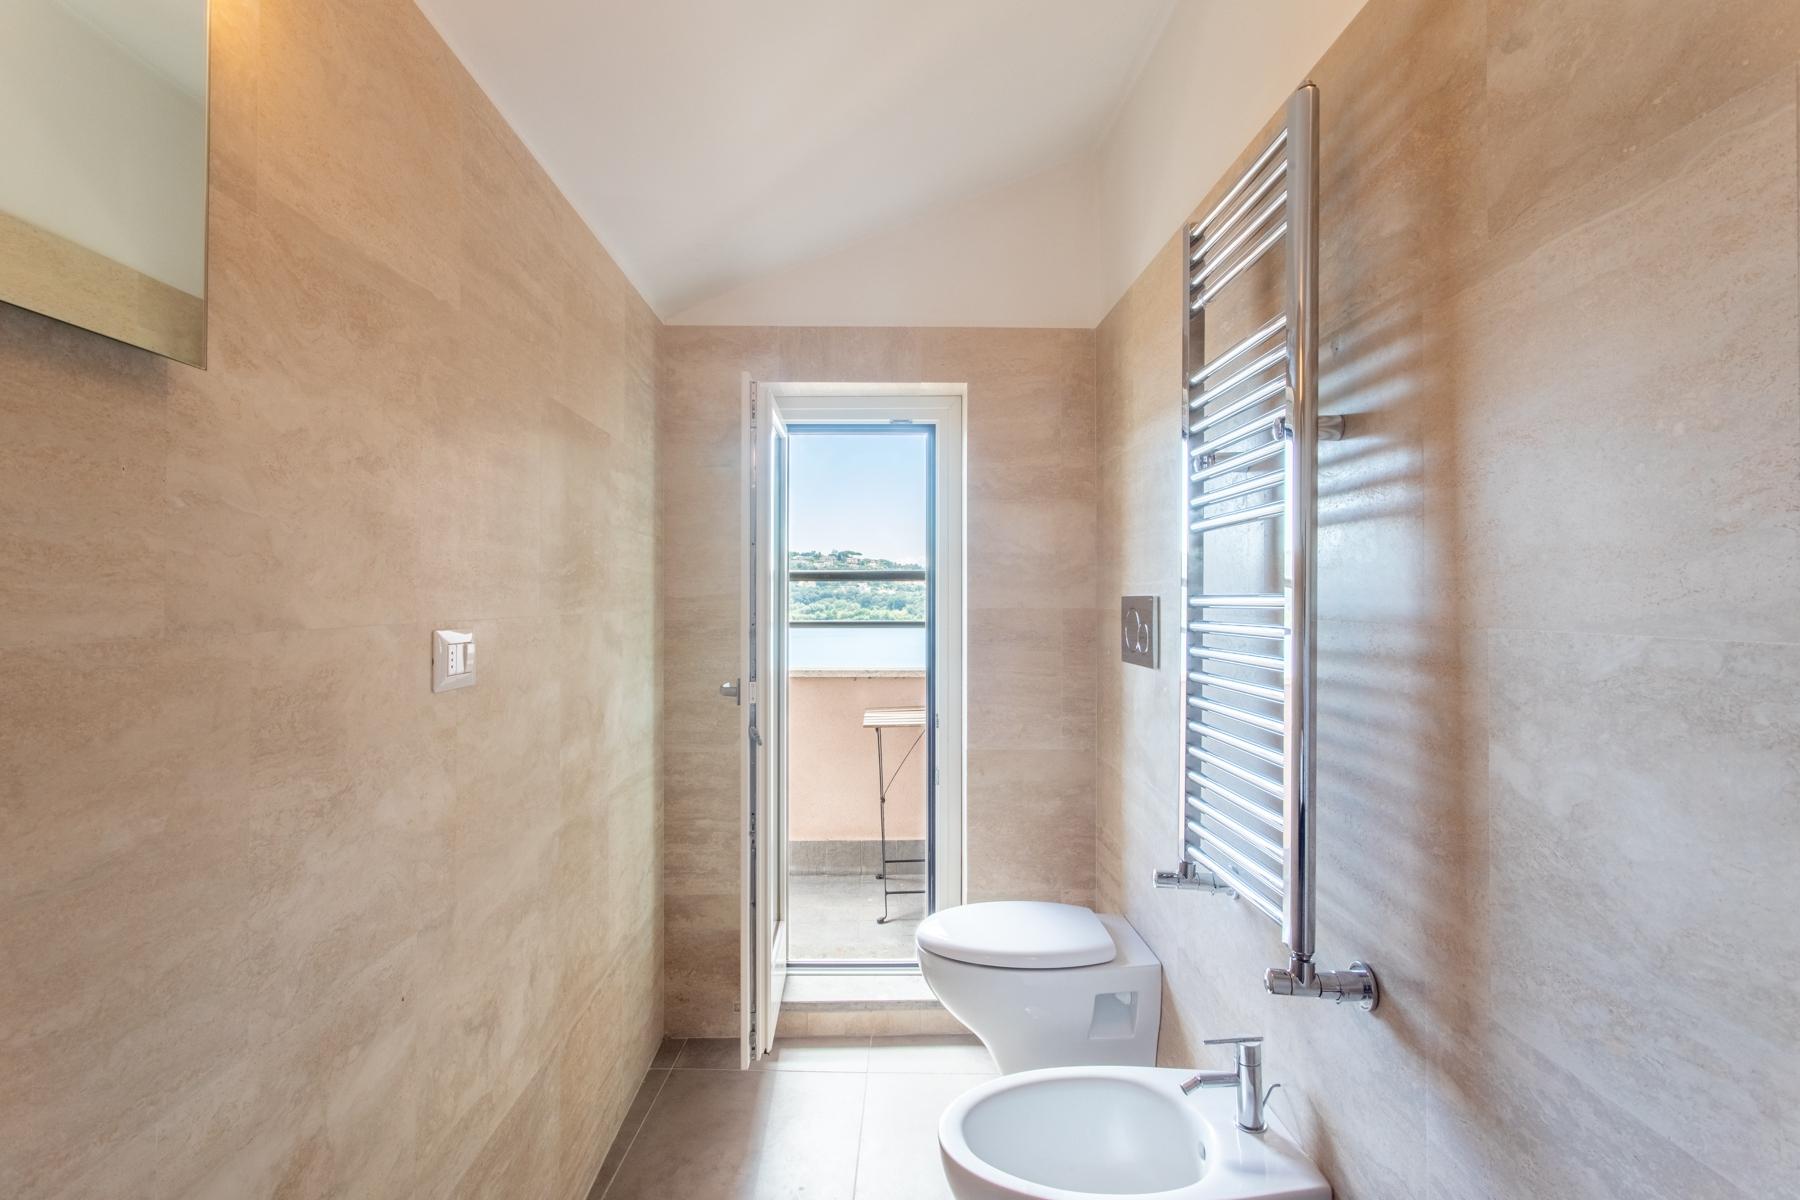 Casa indipendente in Vendita a Trevignano Romano: 5 locali, 163 mq - Foto 12